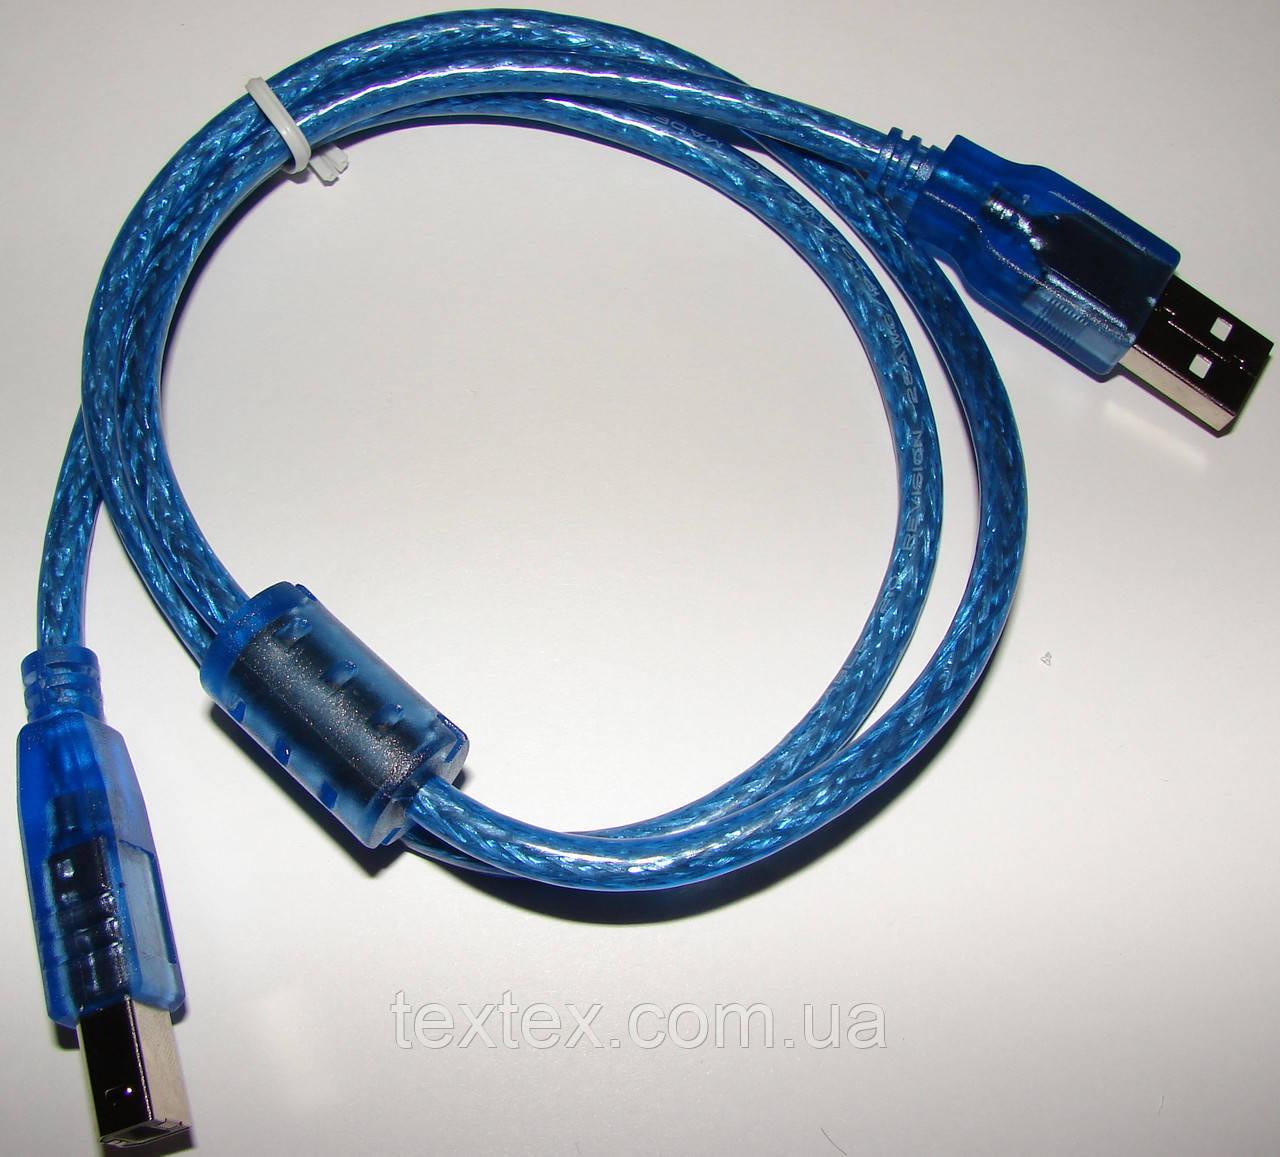 Кабель USB 2.0 A/B экранированный c фильтрами длина 5 м